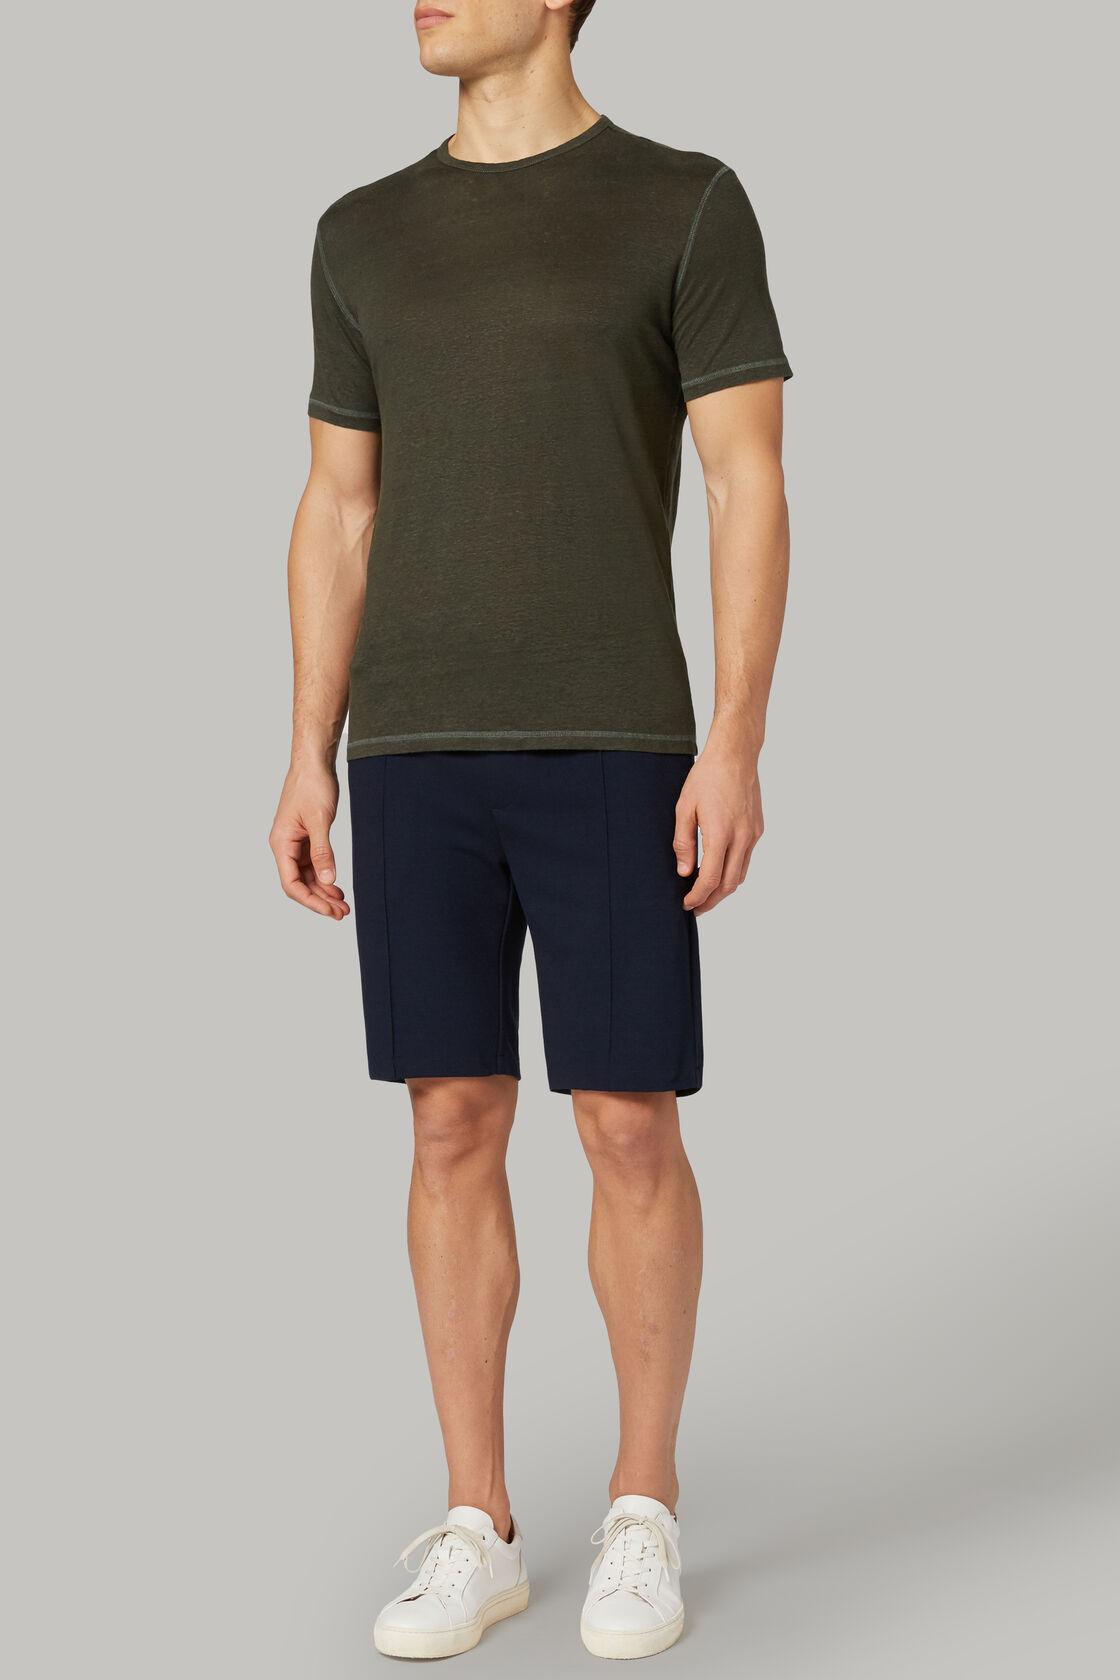 T-shirt aus elastischem leinenjersey, Militärgrün, hi-res